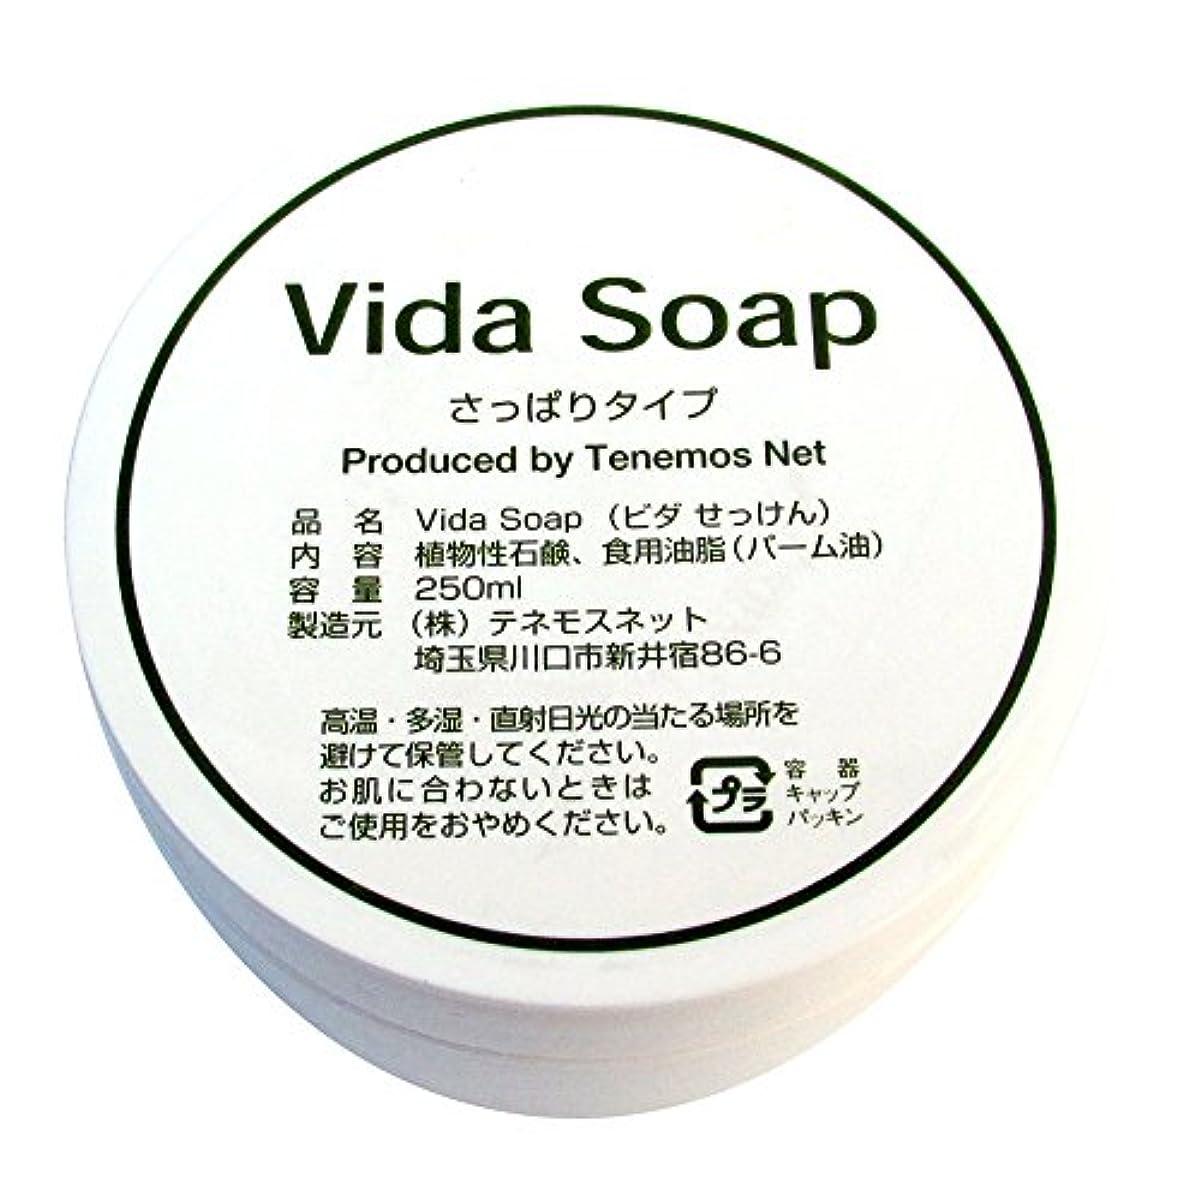 ドキュメンタリー反逆引き付けるテネモス ビダせっけん Vida Soap さっぱりノーマル 植物性 250ml